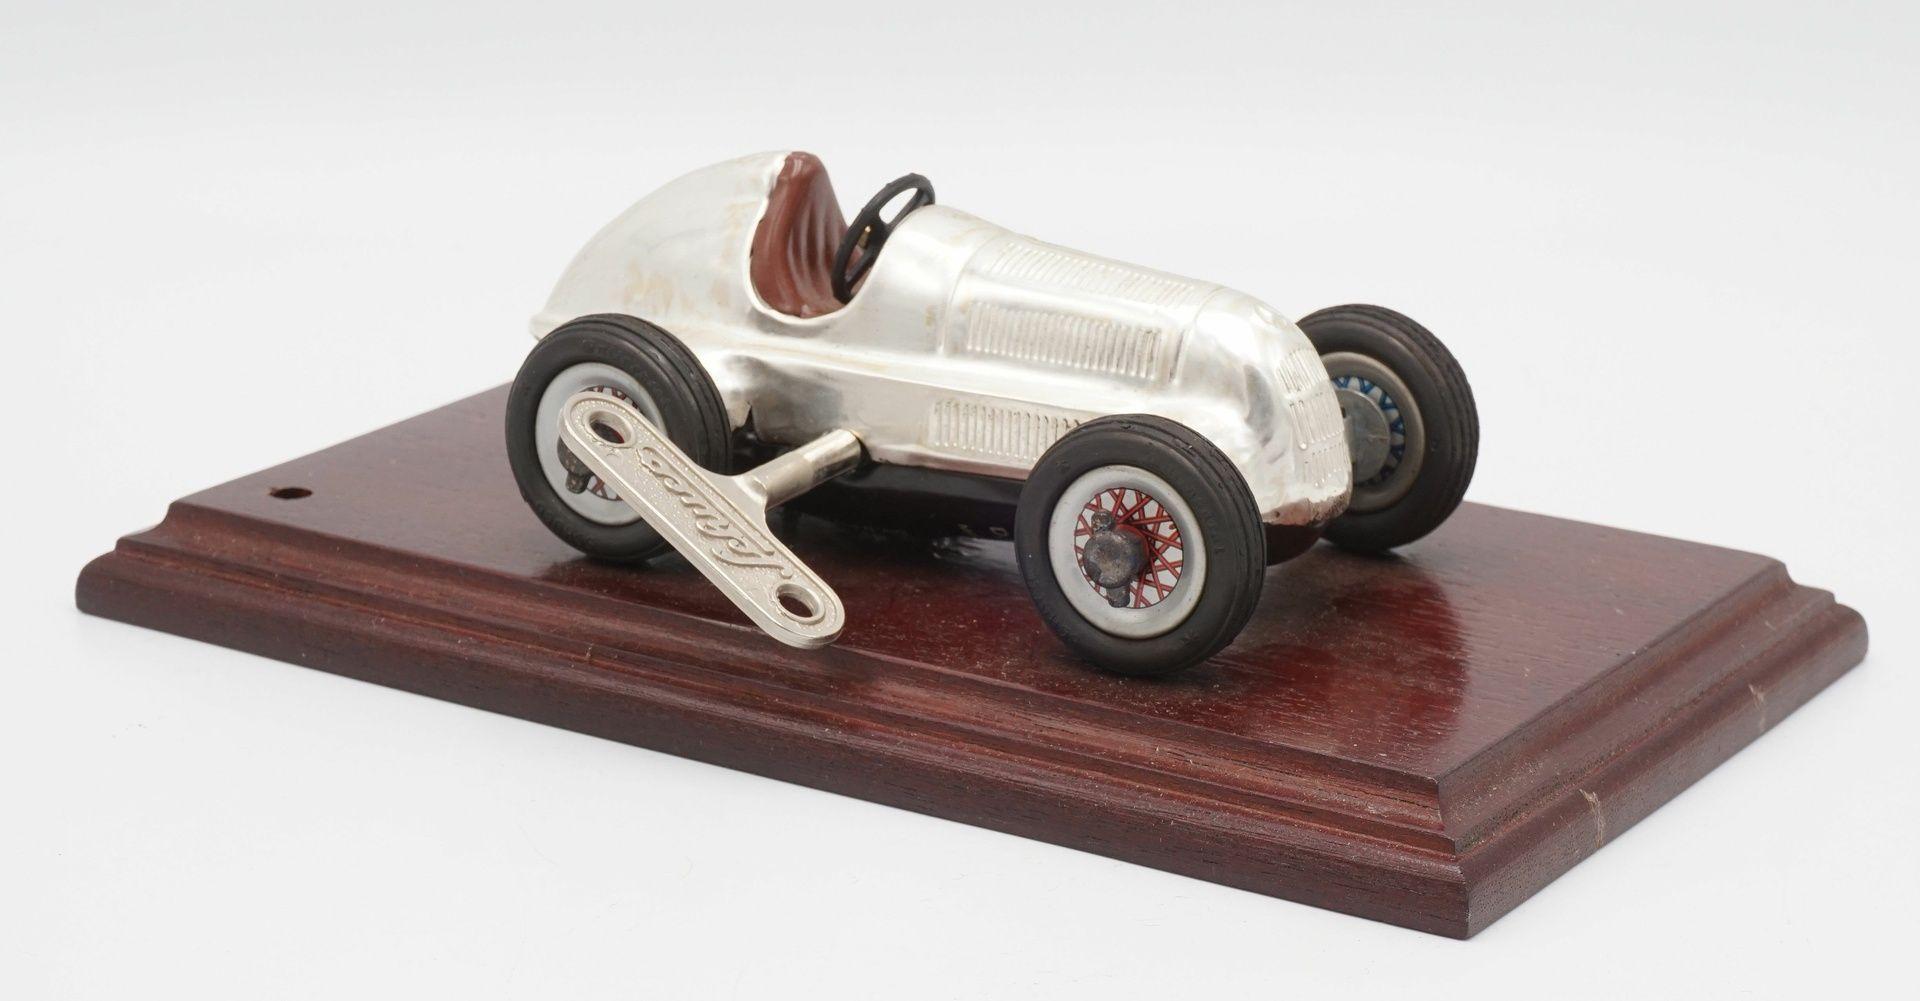 Schuco Studio Auto, Mercedes-Benz Silberpfeil 1936, 2. Hälfte 20. Jh. - Bild 2 aus 3